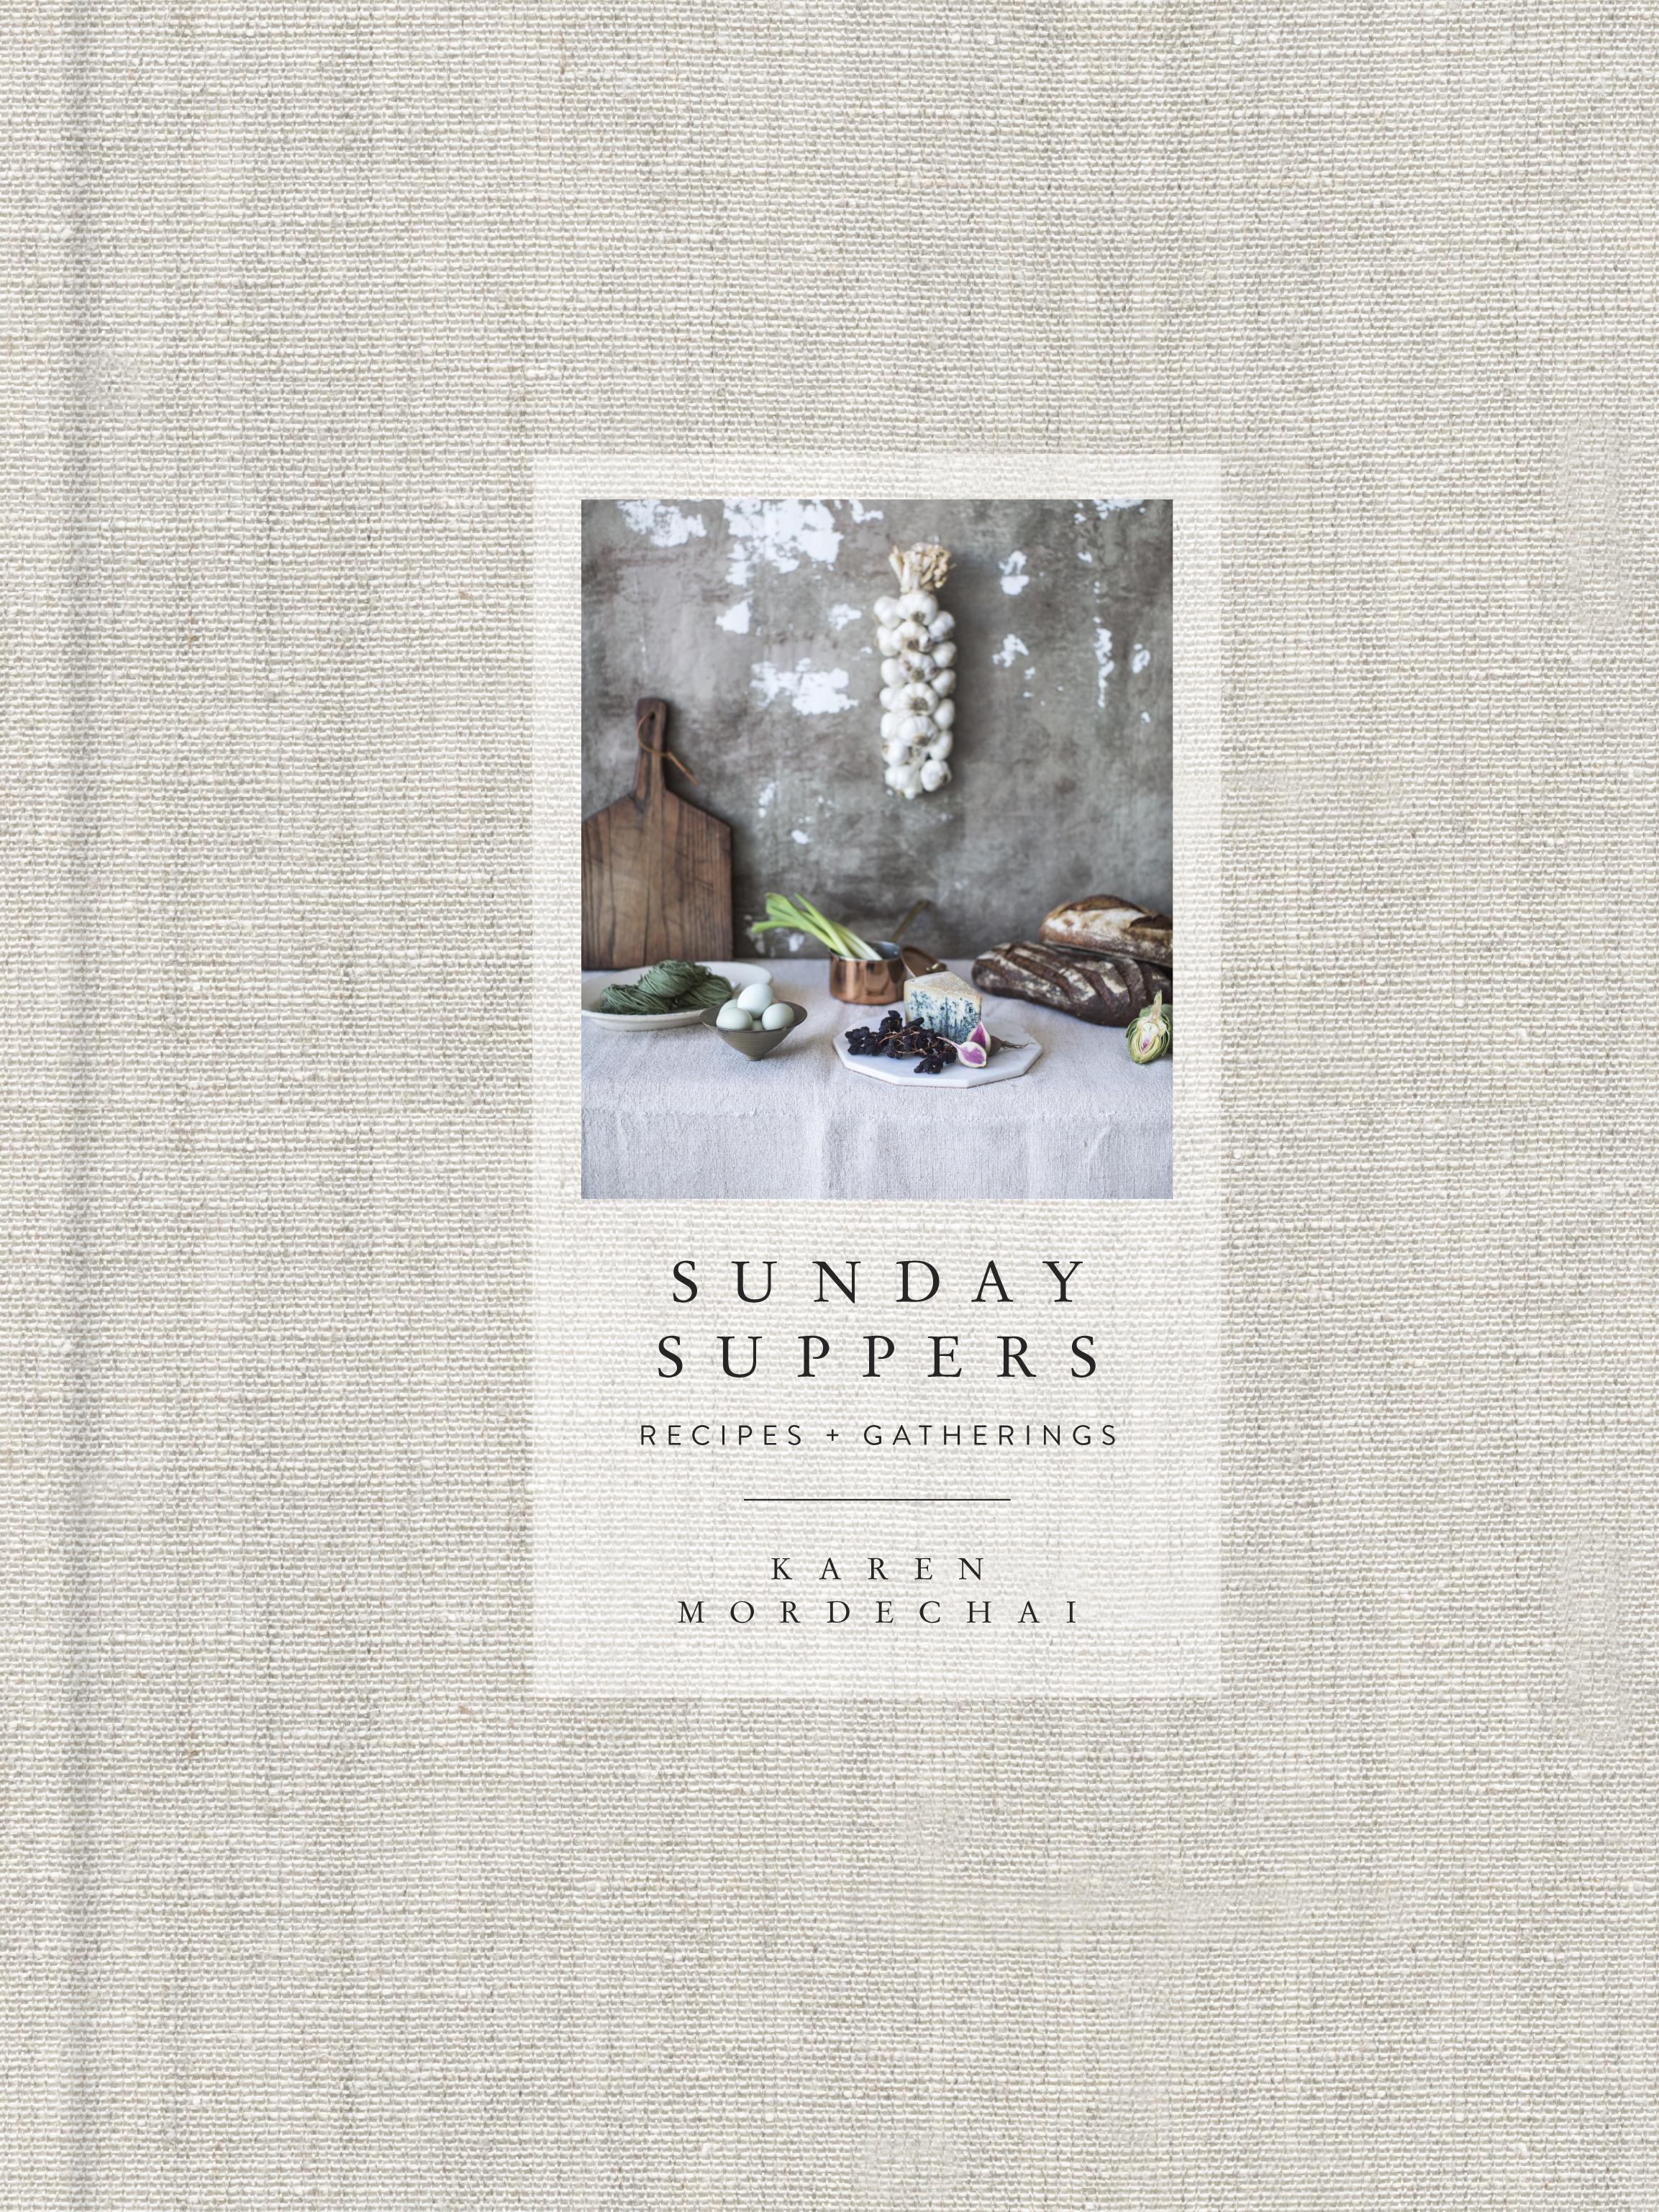 SundaySuppers_cvr_flat